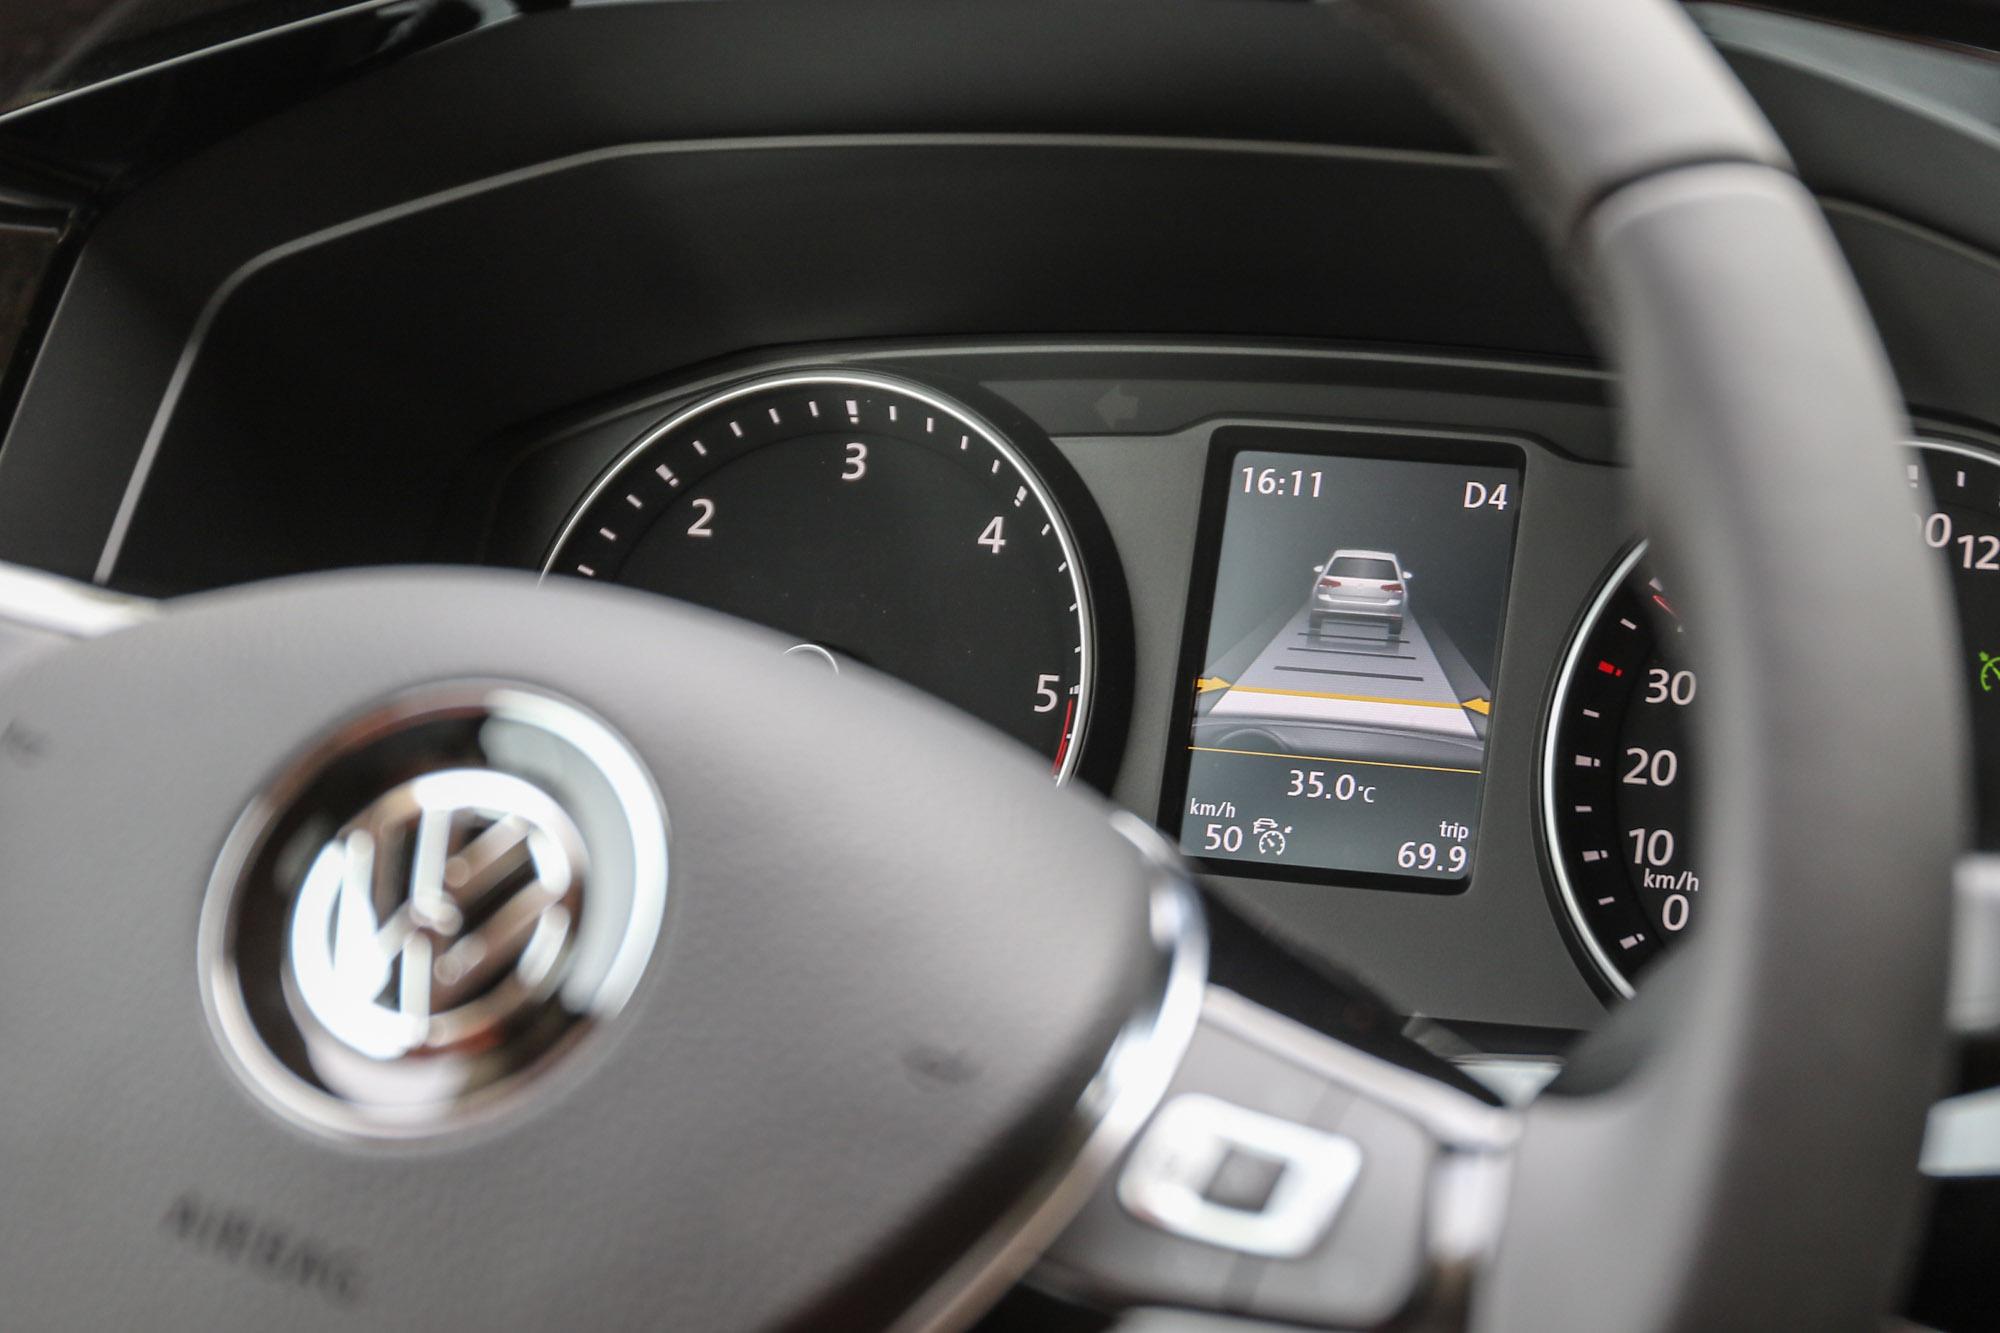 透過簡單操作就可以利用 ACC 功能減少長途行駛時的精神負擔,也有利於行車安全的加分,對於駕駛與乘客都是好事。